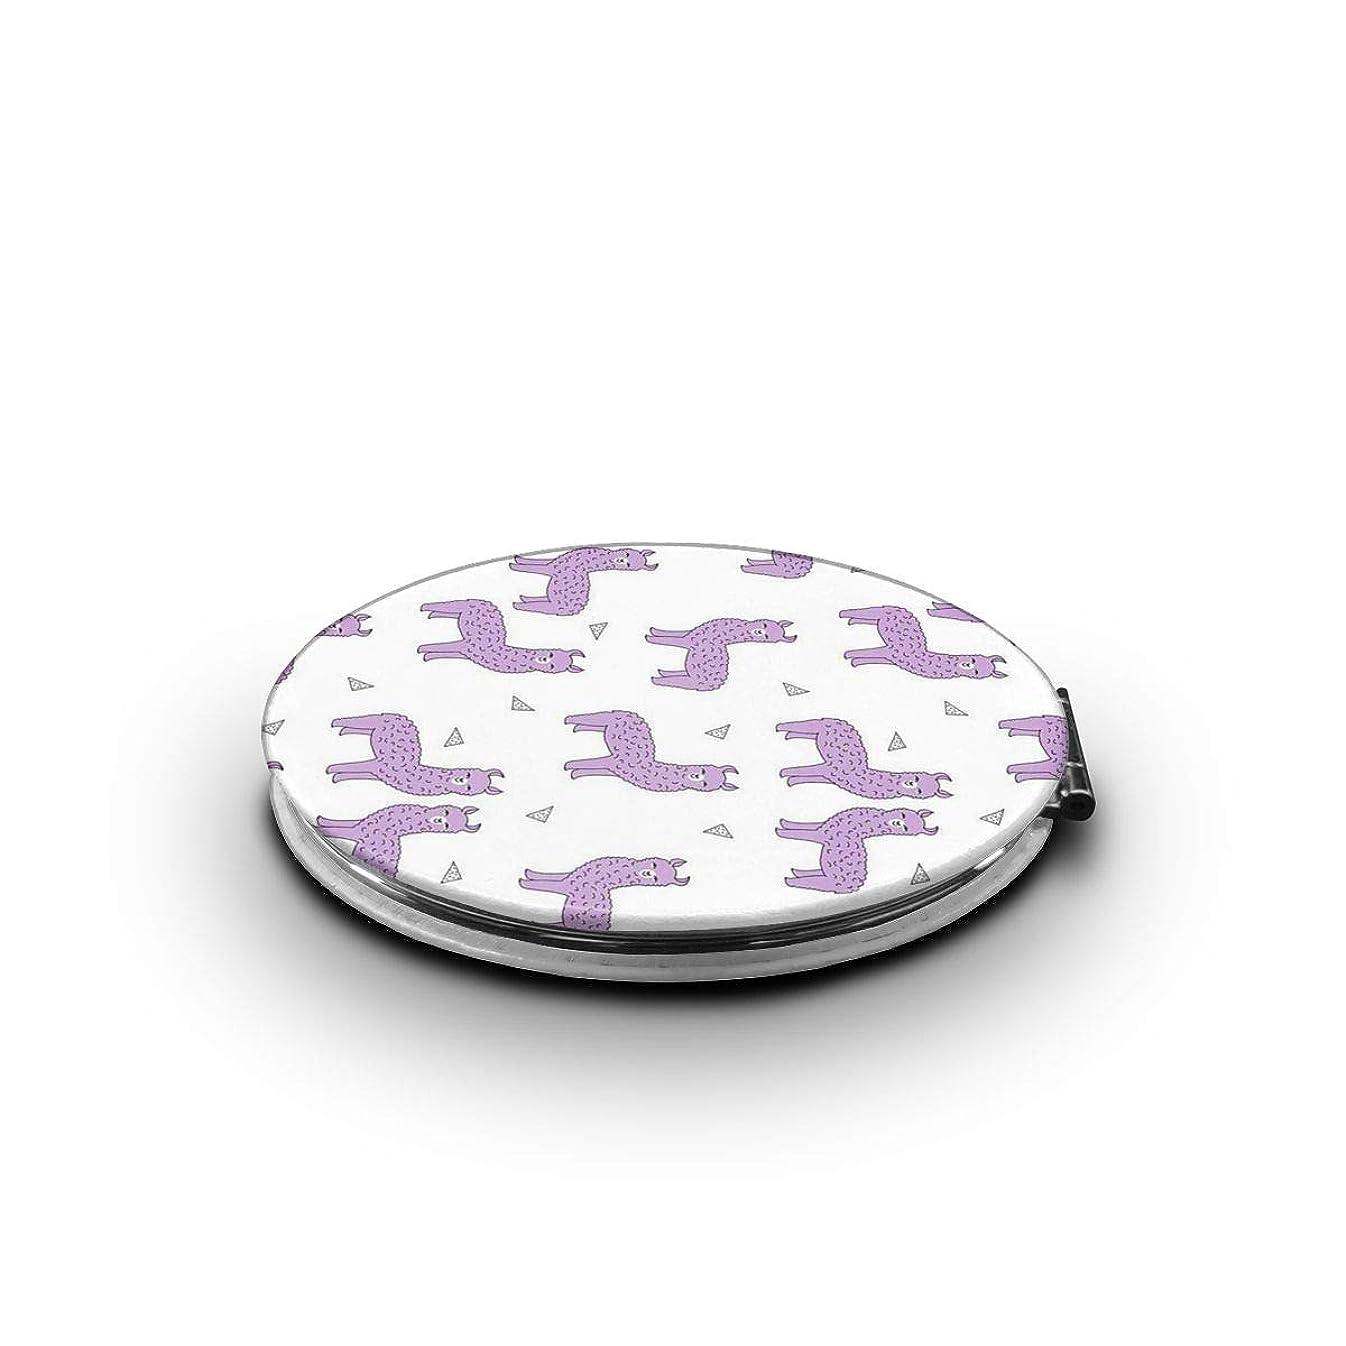 少し委託評議会携帯ミラー 紫色のライラックラベンダーラマミニ化粧鏡 化粧鏡 3倍拡大鏡+等倍鏡 両面化粧鏡 楕円形 携帯型 折り畳み式 コンパクト鏡 外出に 持ち運び便利 超軽量 おしゃれ 9.0X6.6CM